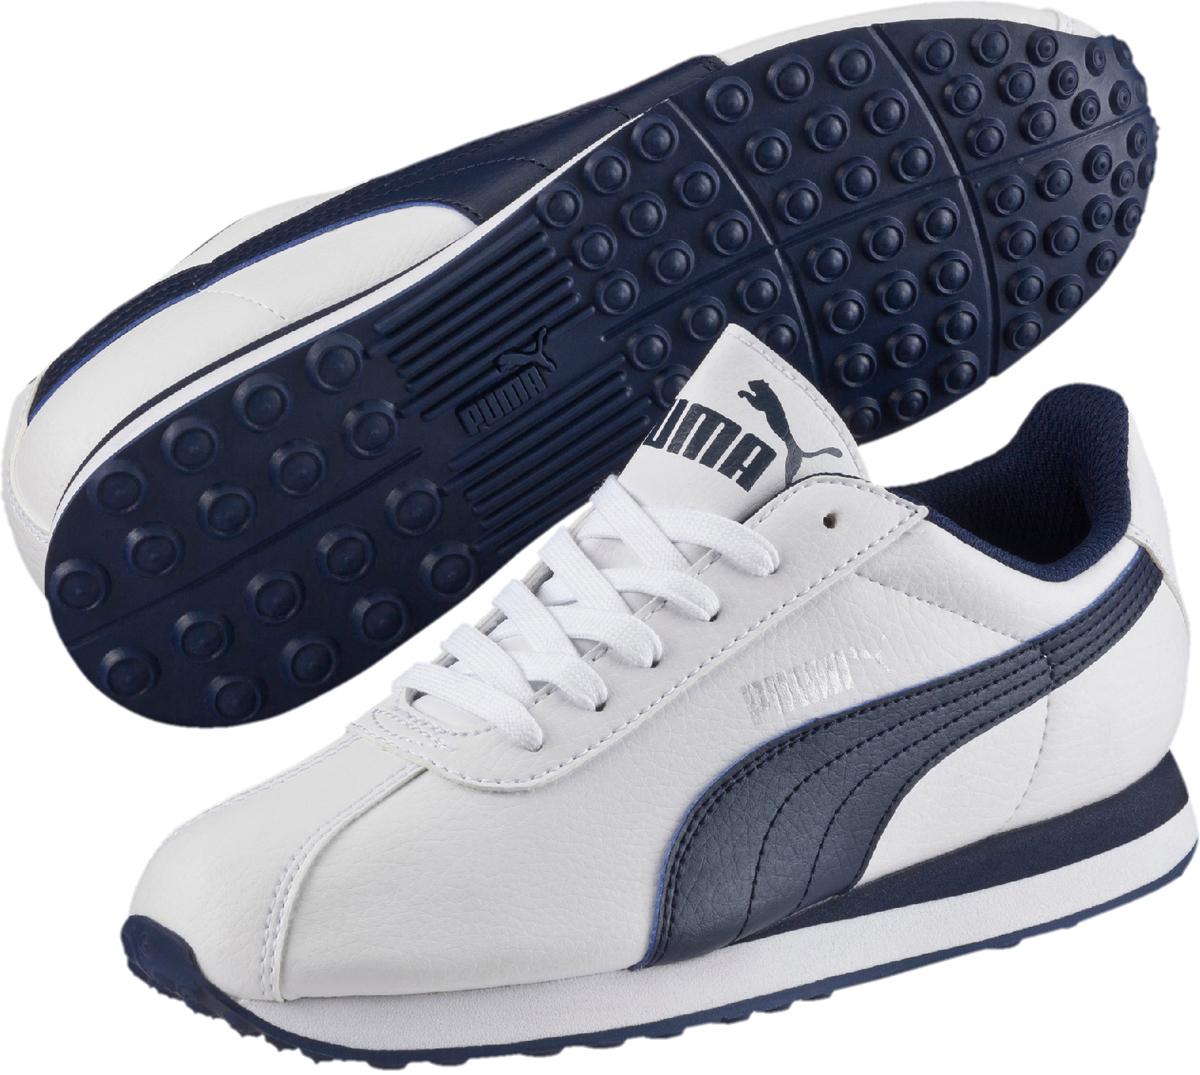 Кроссовки детские Puma Turin PS, цвет: белый, темно-синий. 36160002. Размер 13,5 (31,5)36160002Модель PUMA Turin стала классикой спортивного стиля, развивая дизайн, присущий традиционной футбольной обуви. Благодаря мягкой искусственной коже верха эти уличные кроссовки выглядят очень элегантно, а промежуточная подошва из ЭВА создает отличную амортизацию. Новый силуэт делает модель особенно актуальной в этом сезоне, превращая её в лучший выбор стильной обуви на каждый день. Классическая шнуровка обеспечивает надежную фиксацию обуви на ноге ребенка. Подкладка выполнена из текстиля, что предотвращает натирание и гарантирует уют. Резиновая подошва с рифлением обеспечивает идеальное сцепление с любыми поверхностями.